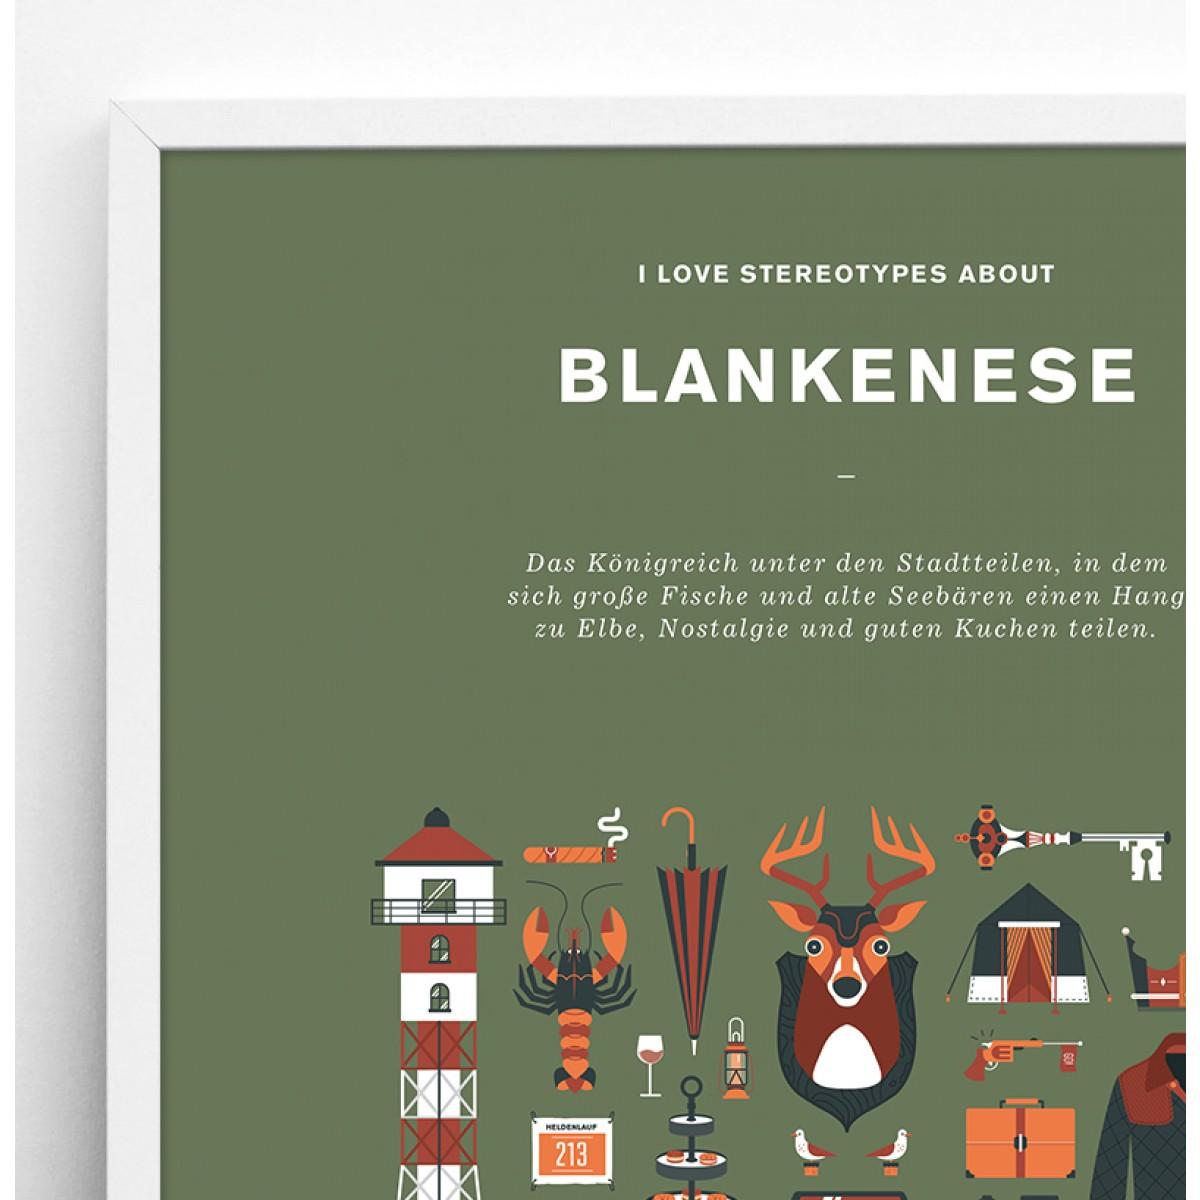 Stadtteil Plakat Blankenese